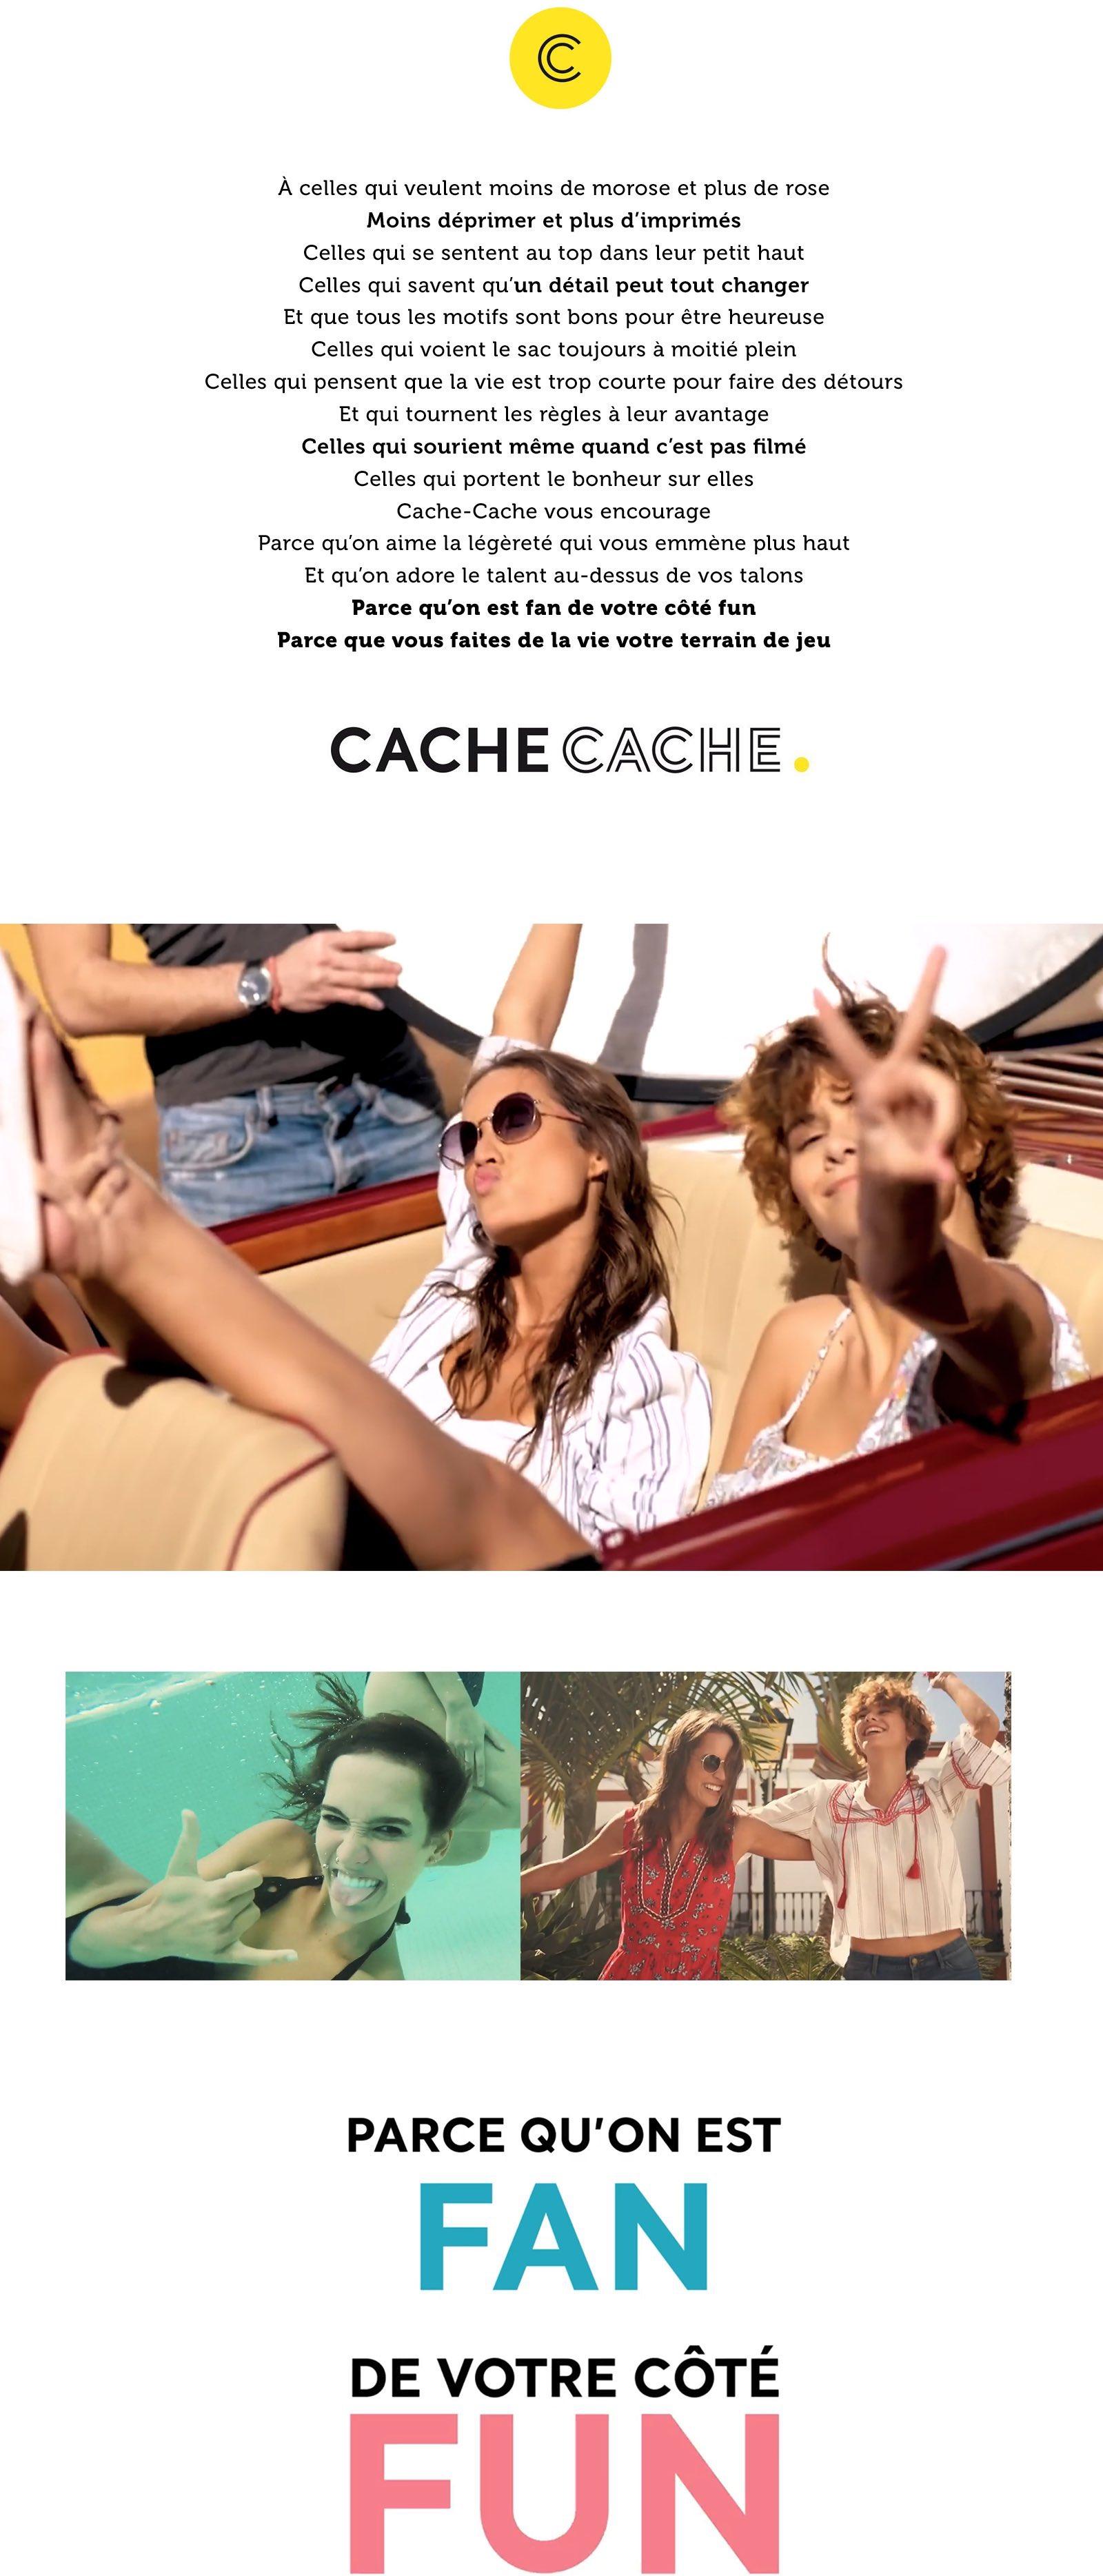 Notchup Cache Cache plateforme de marque territoire d'expression shopper smile mode manifeste marqye fan de votre coté fun